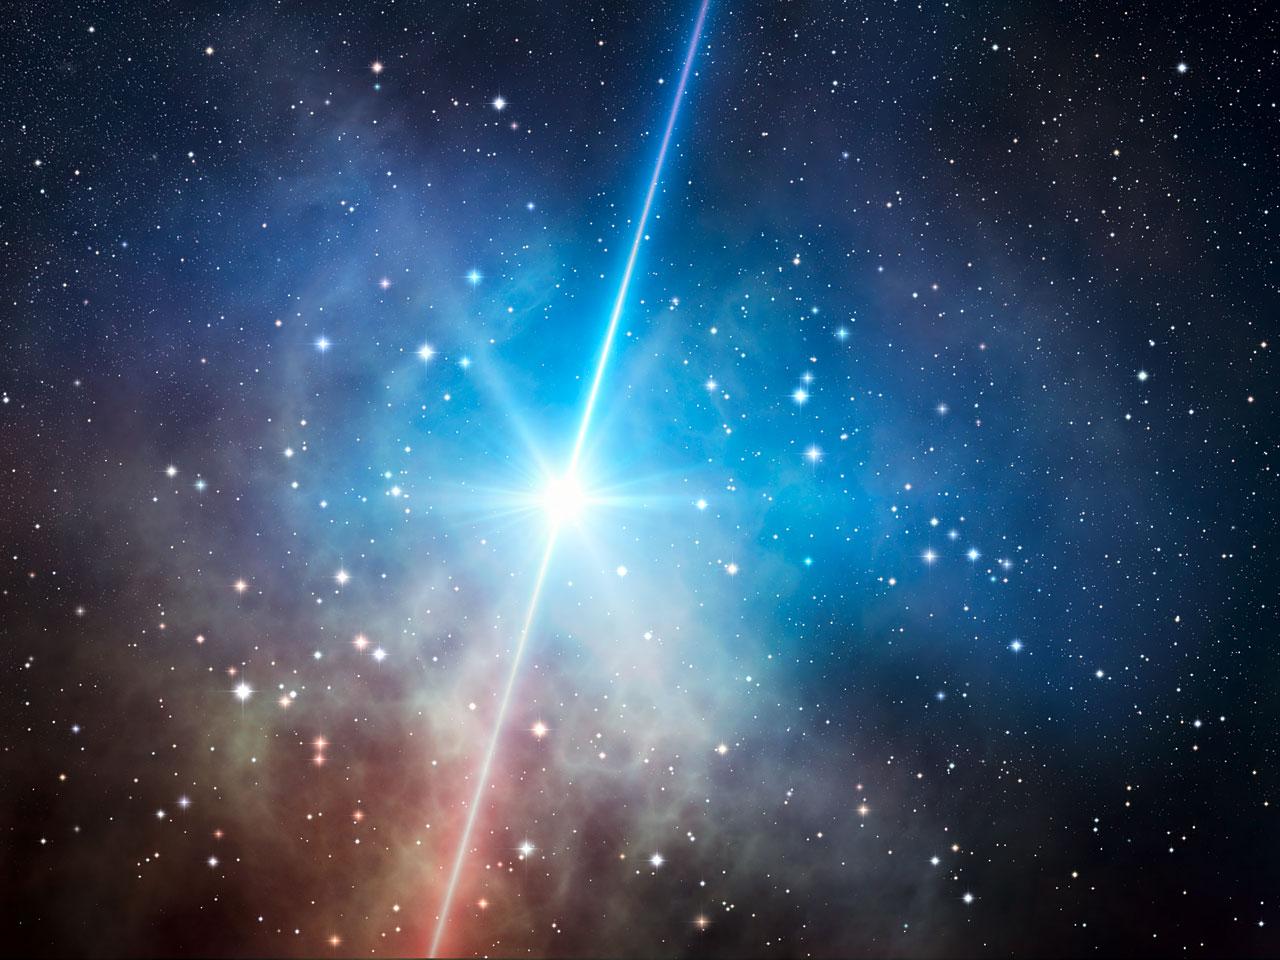 Gamma ray дискография скачать торрент mp3 - f204